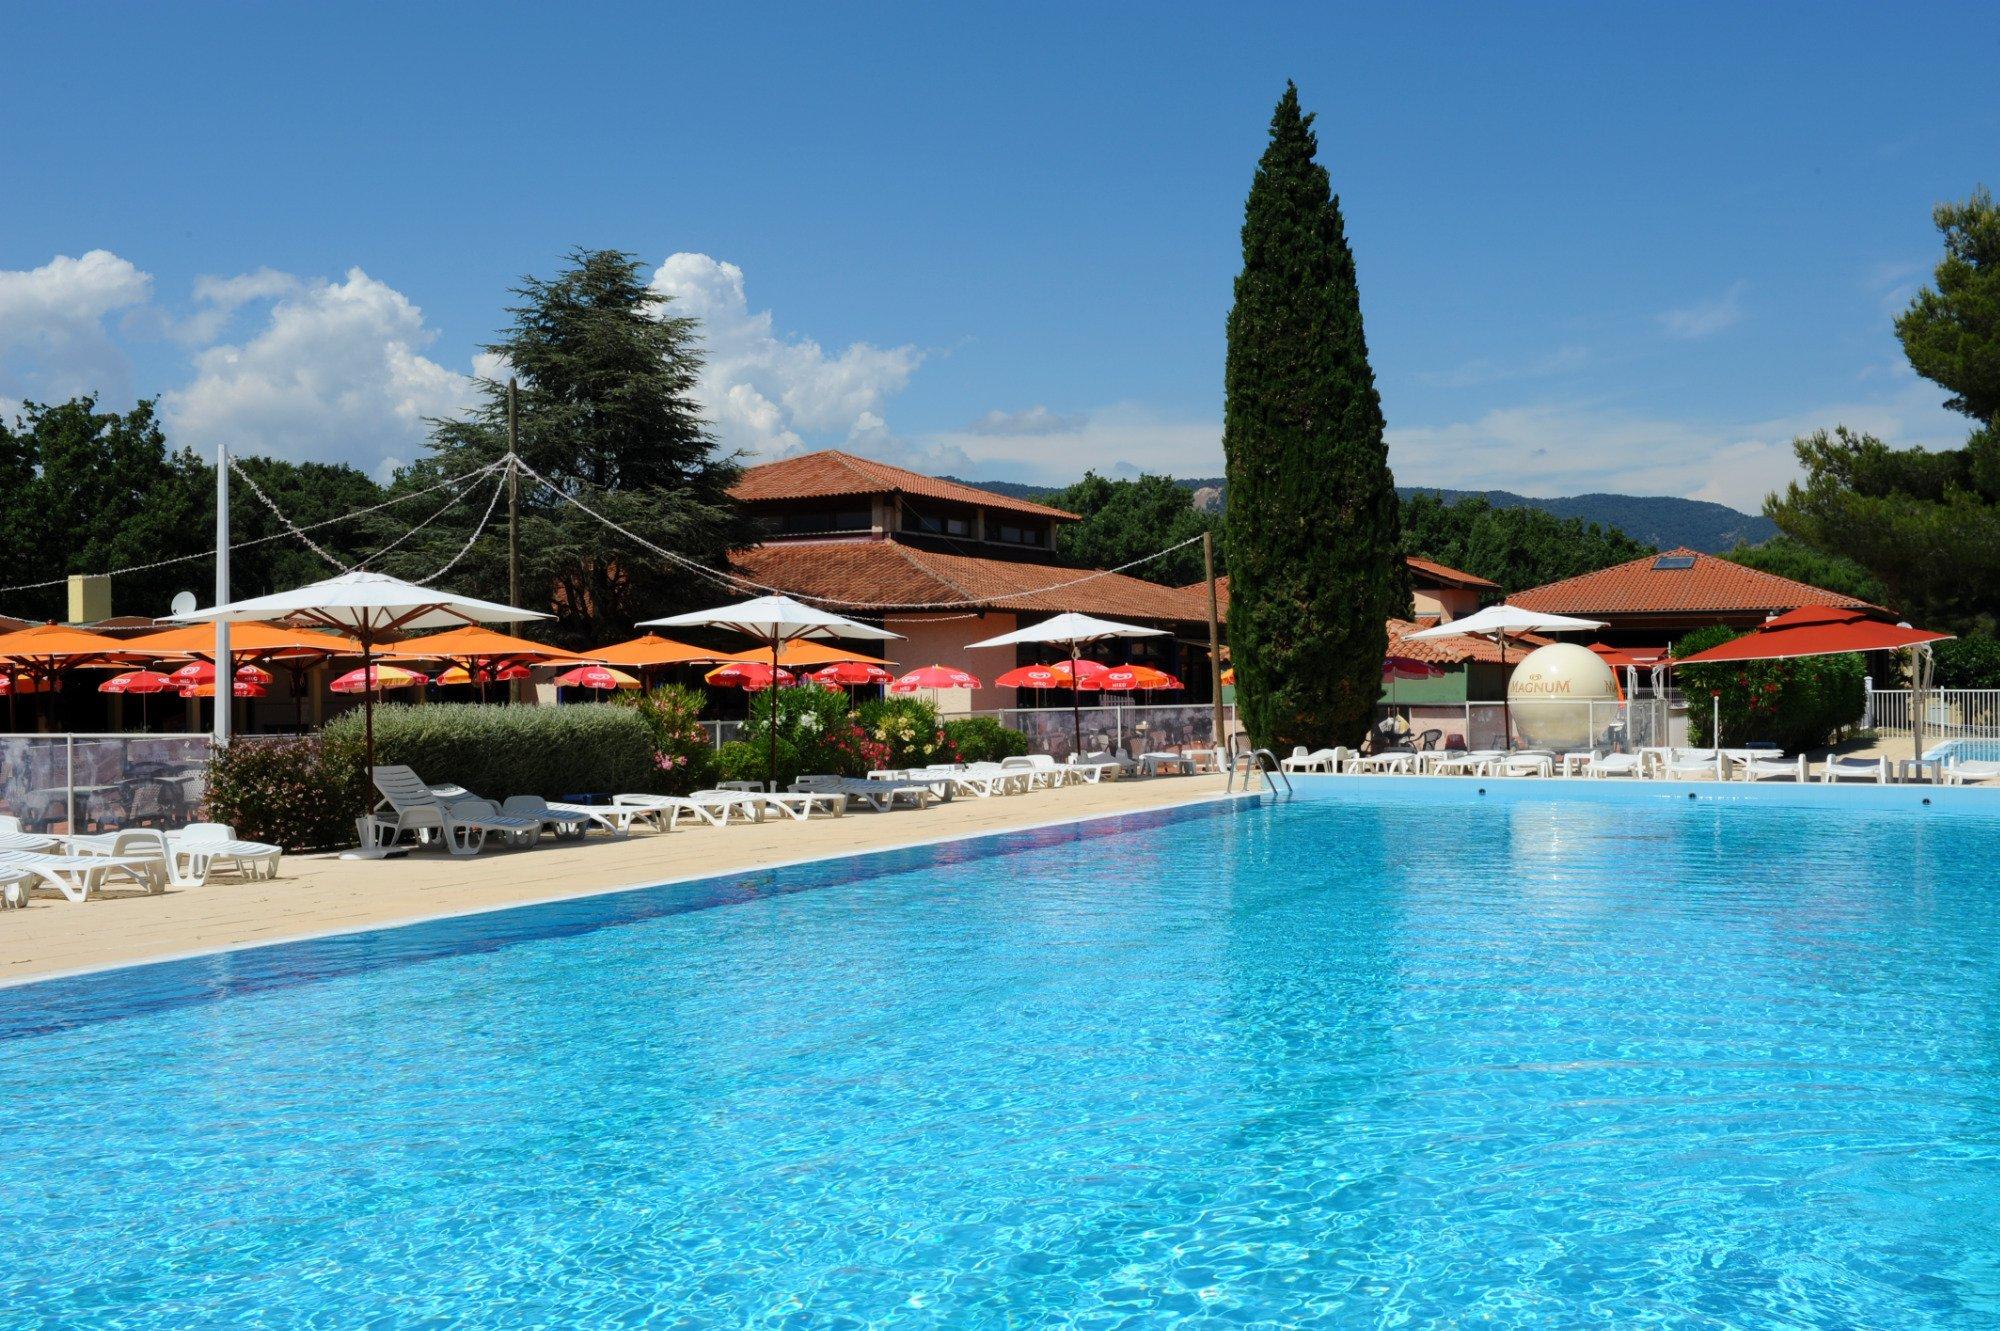 Village vacances la manne bormes les mimosas france for Camping borme les mimosas avec piscine